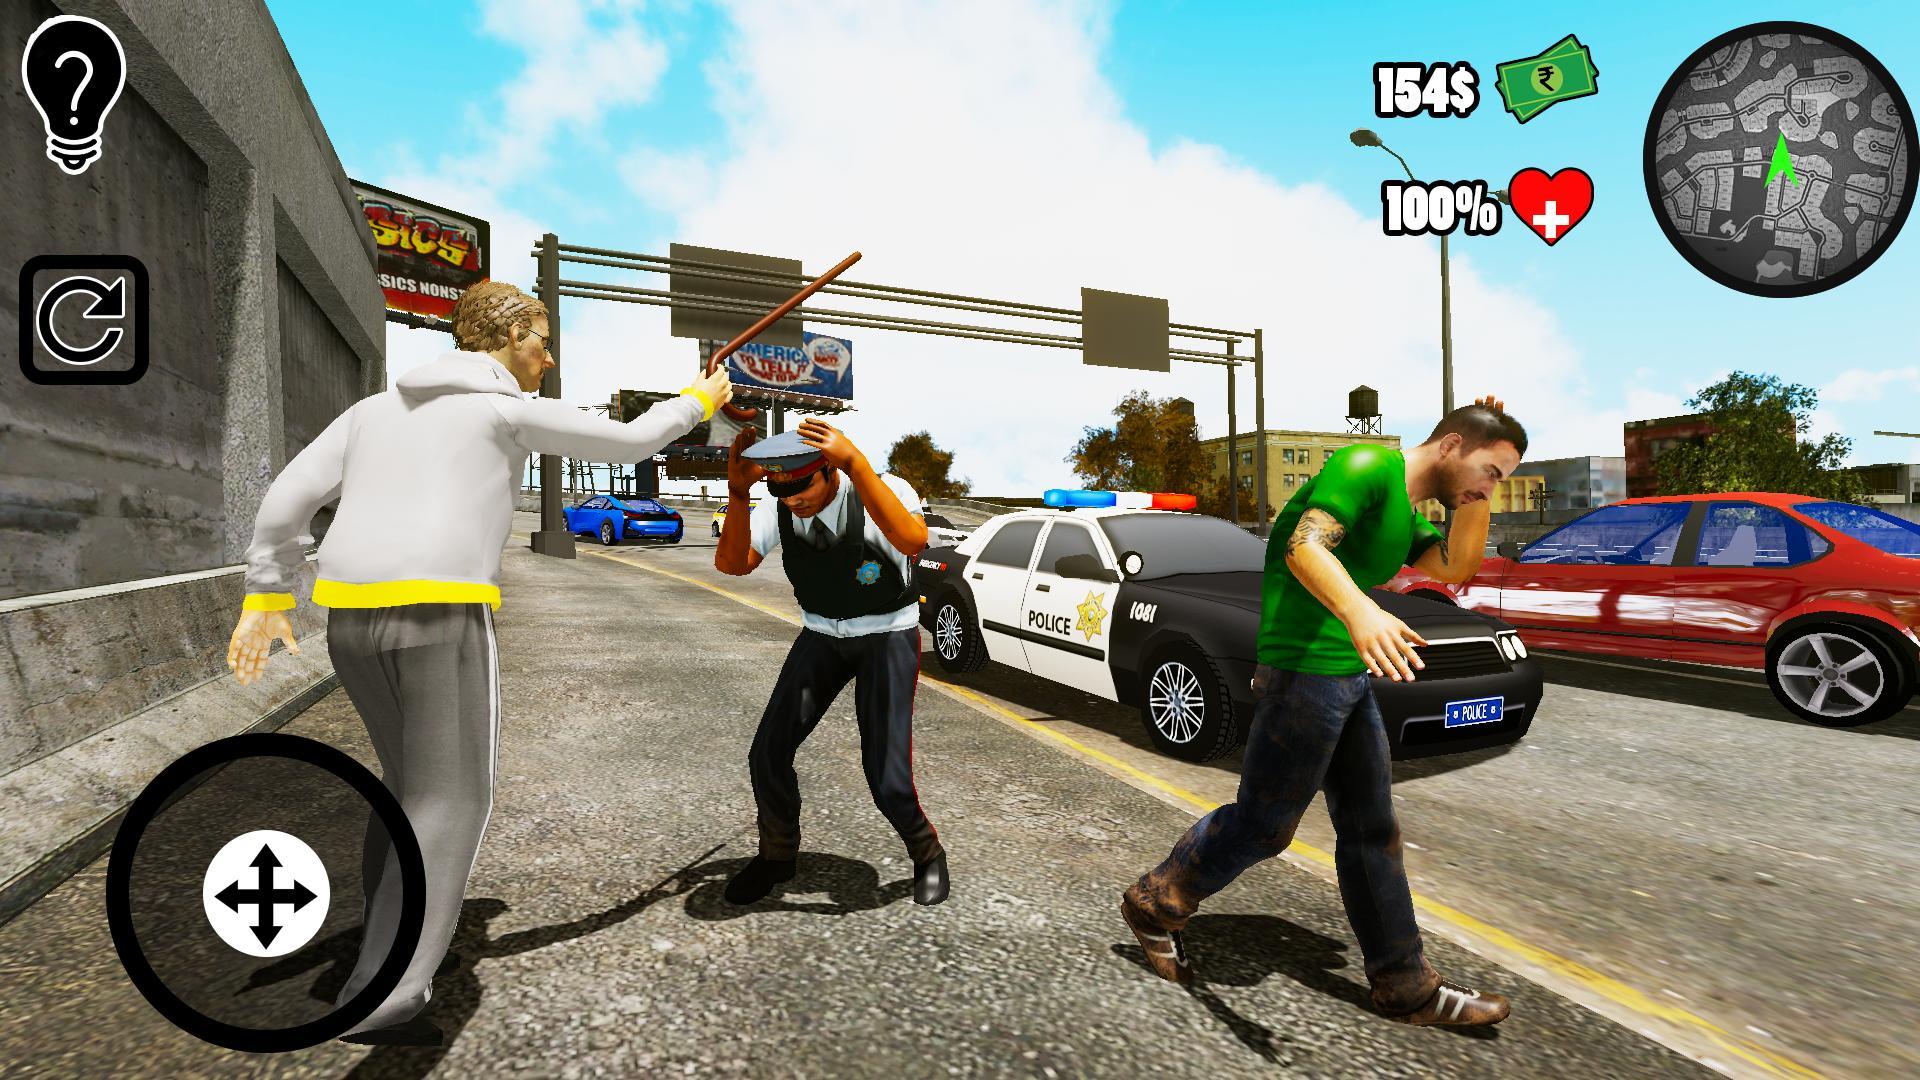 San Andreas Angry Grandpa 1.0 Screenshot 1